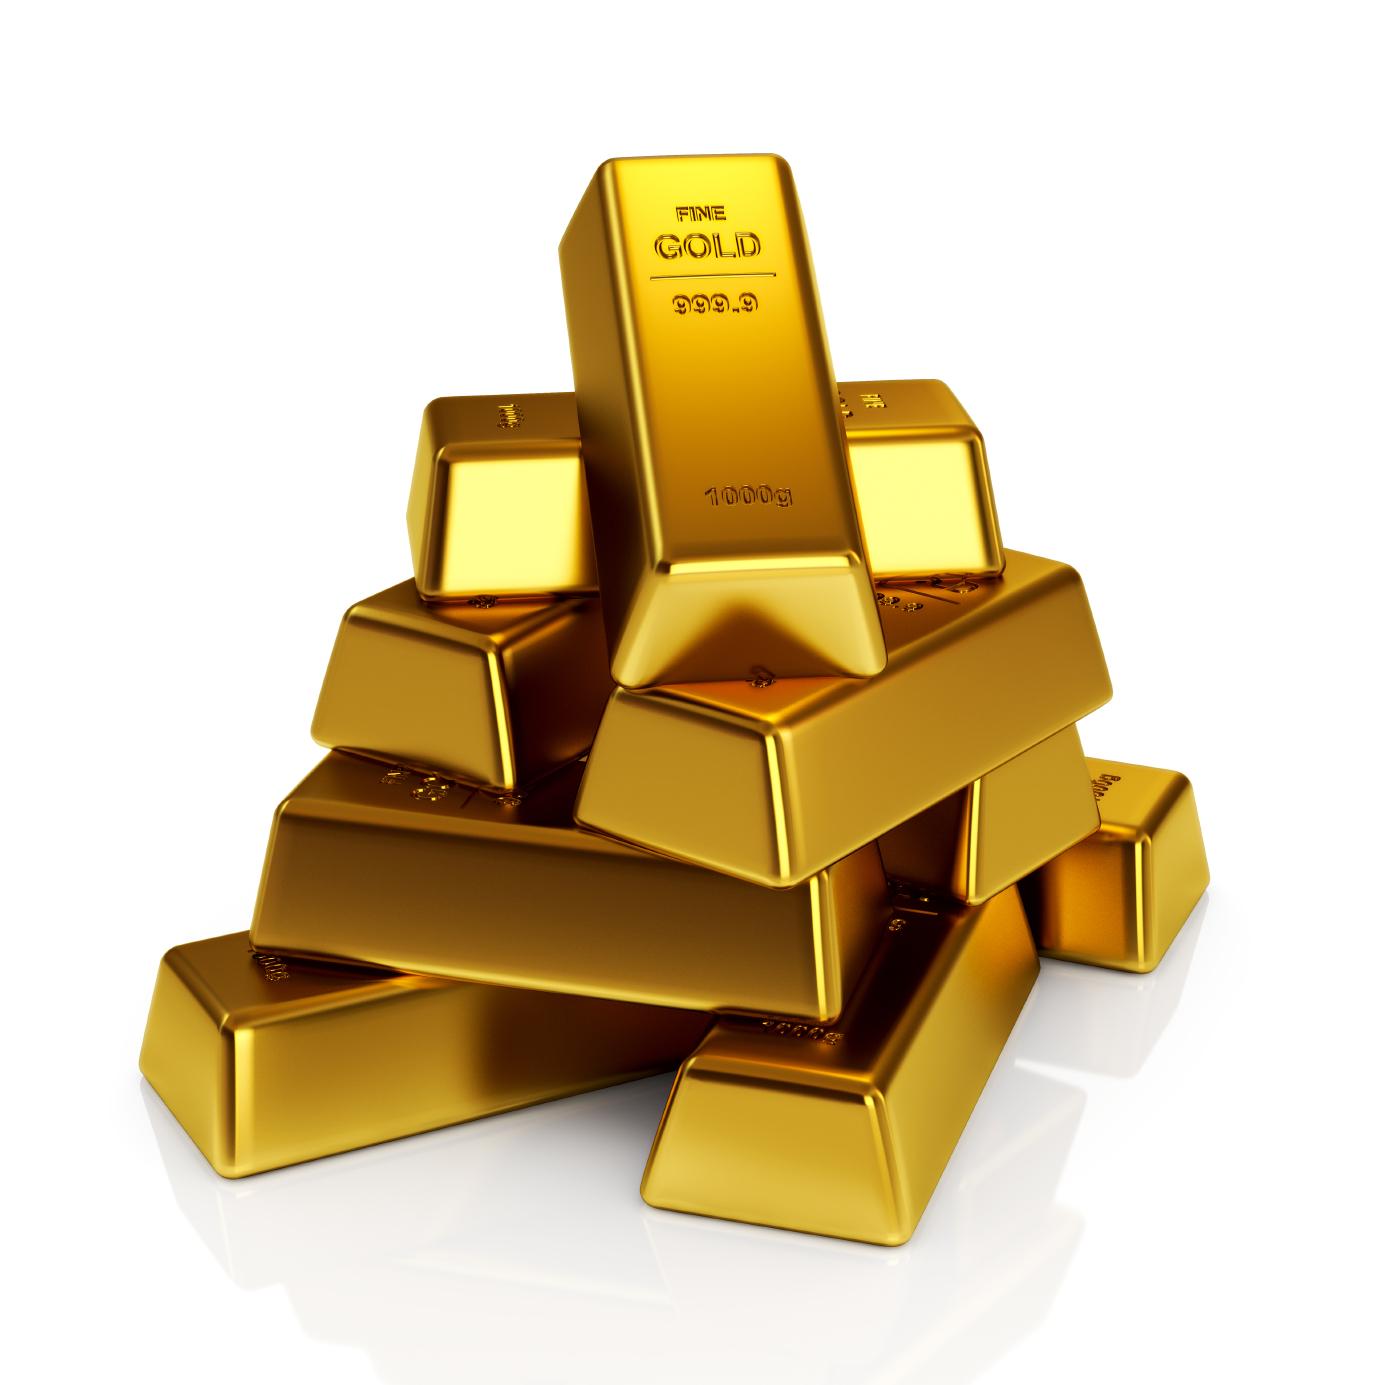 Cotización del oro en euros y gramos (precio de oro 18K, 24K)